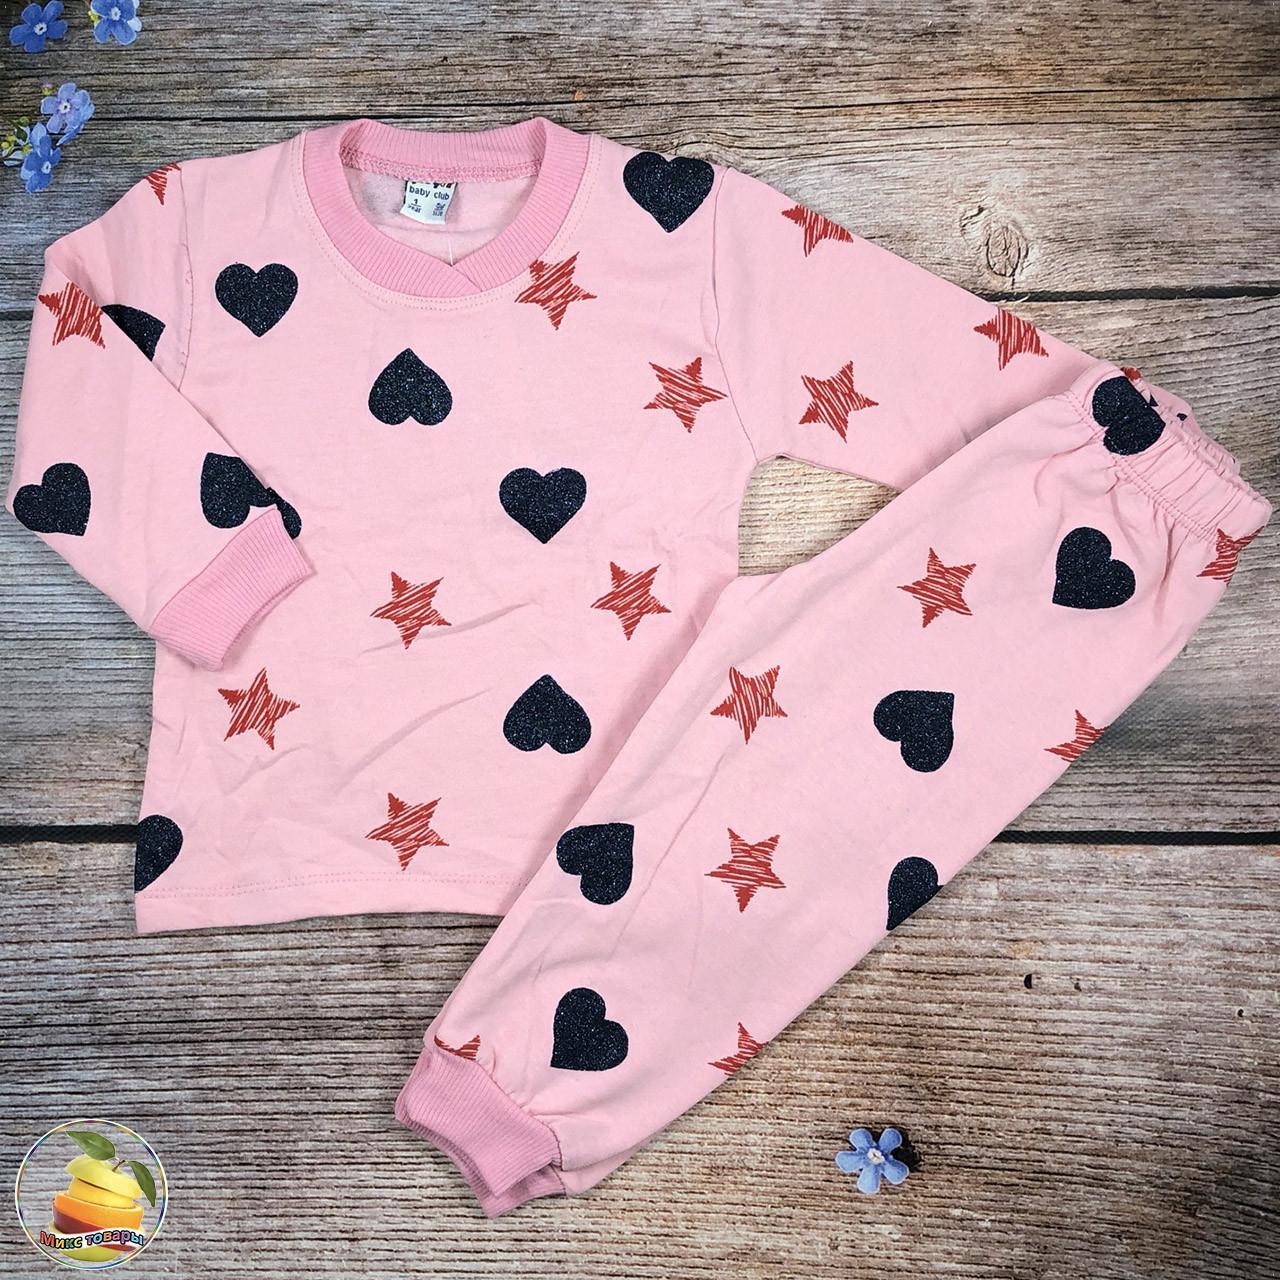 """Дитяча байкова піжама """"Рожева"""" Розміри: 1,2,3,4 року (21085-3)"""